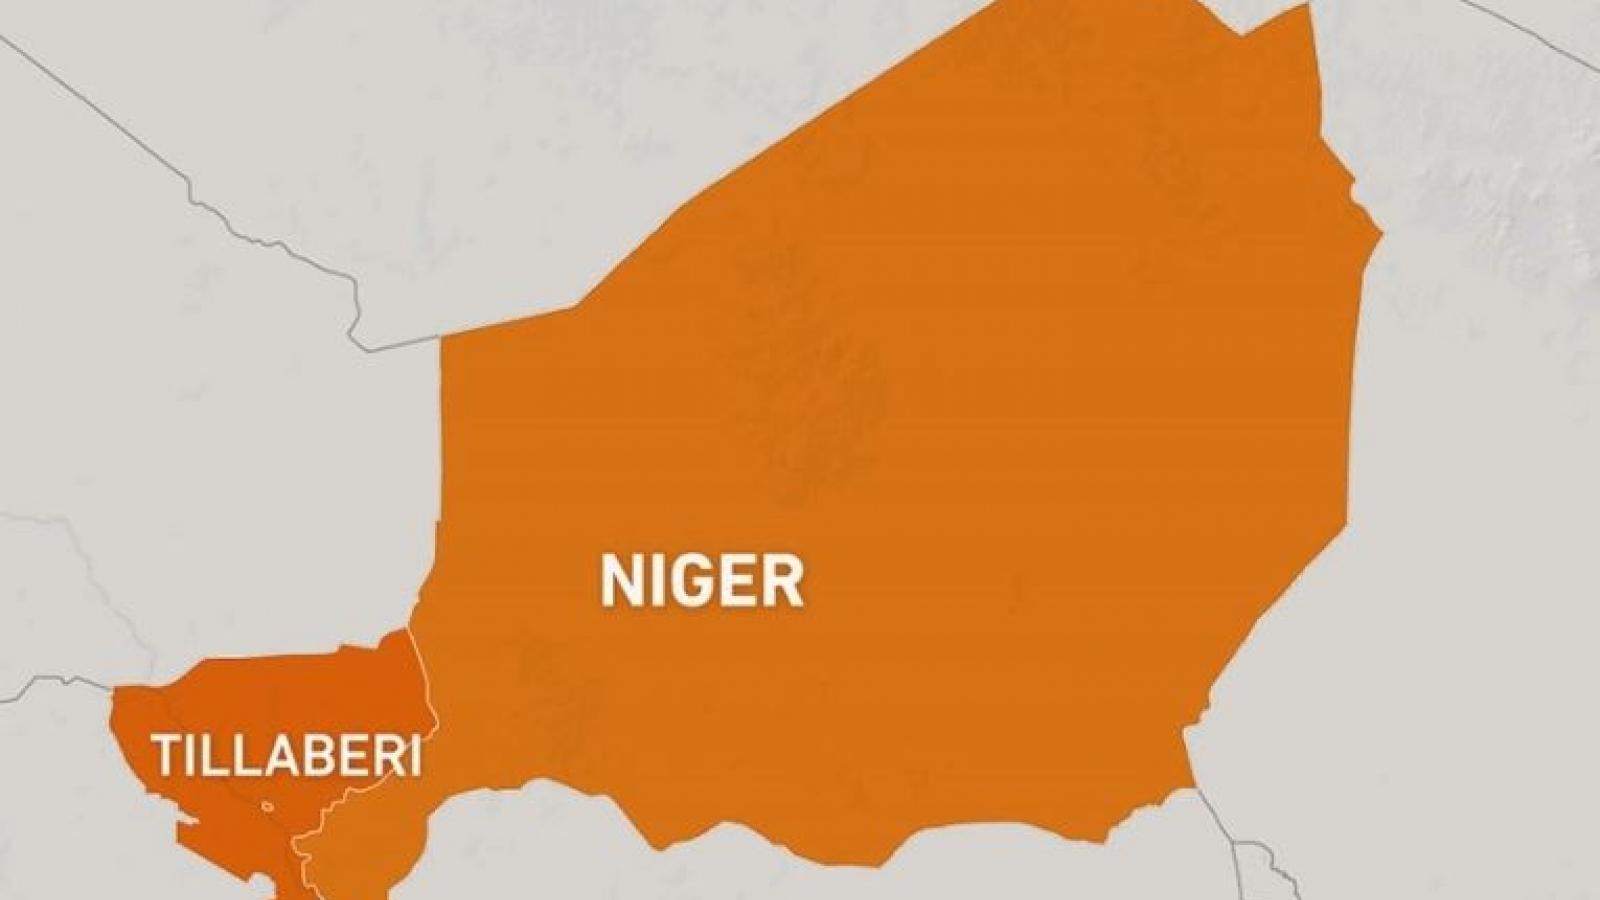 Tấn công đẫm máu tại Niger: Ít nhất 100 người thiệt mạng